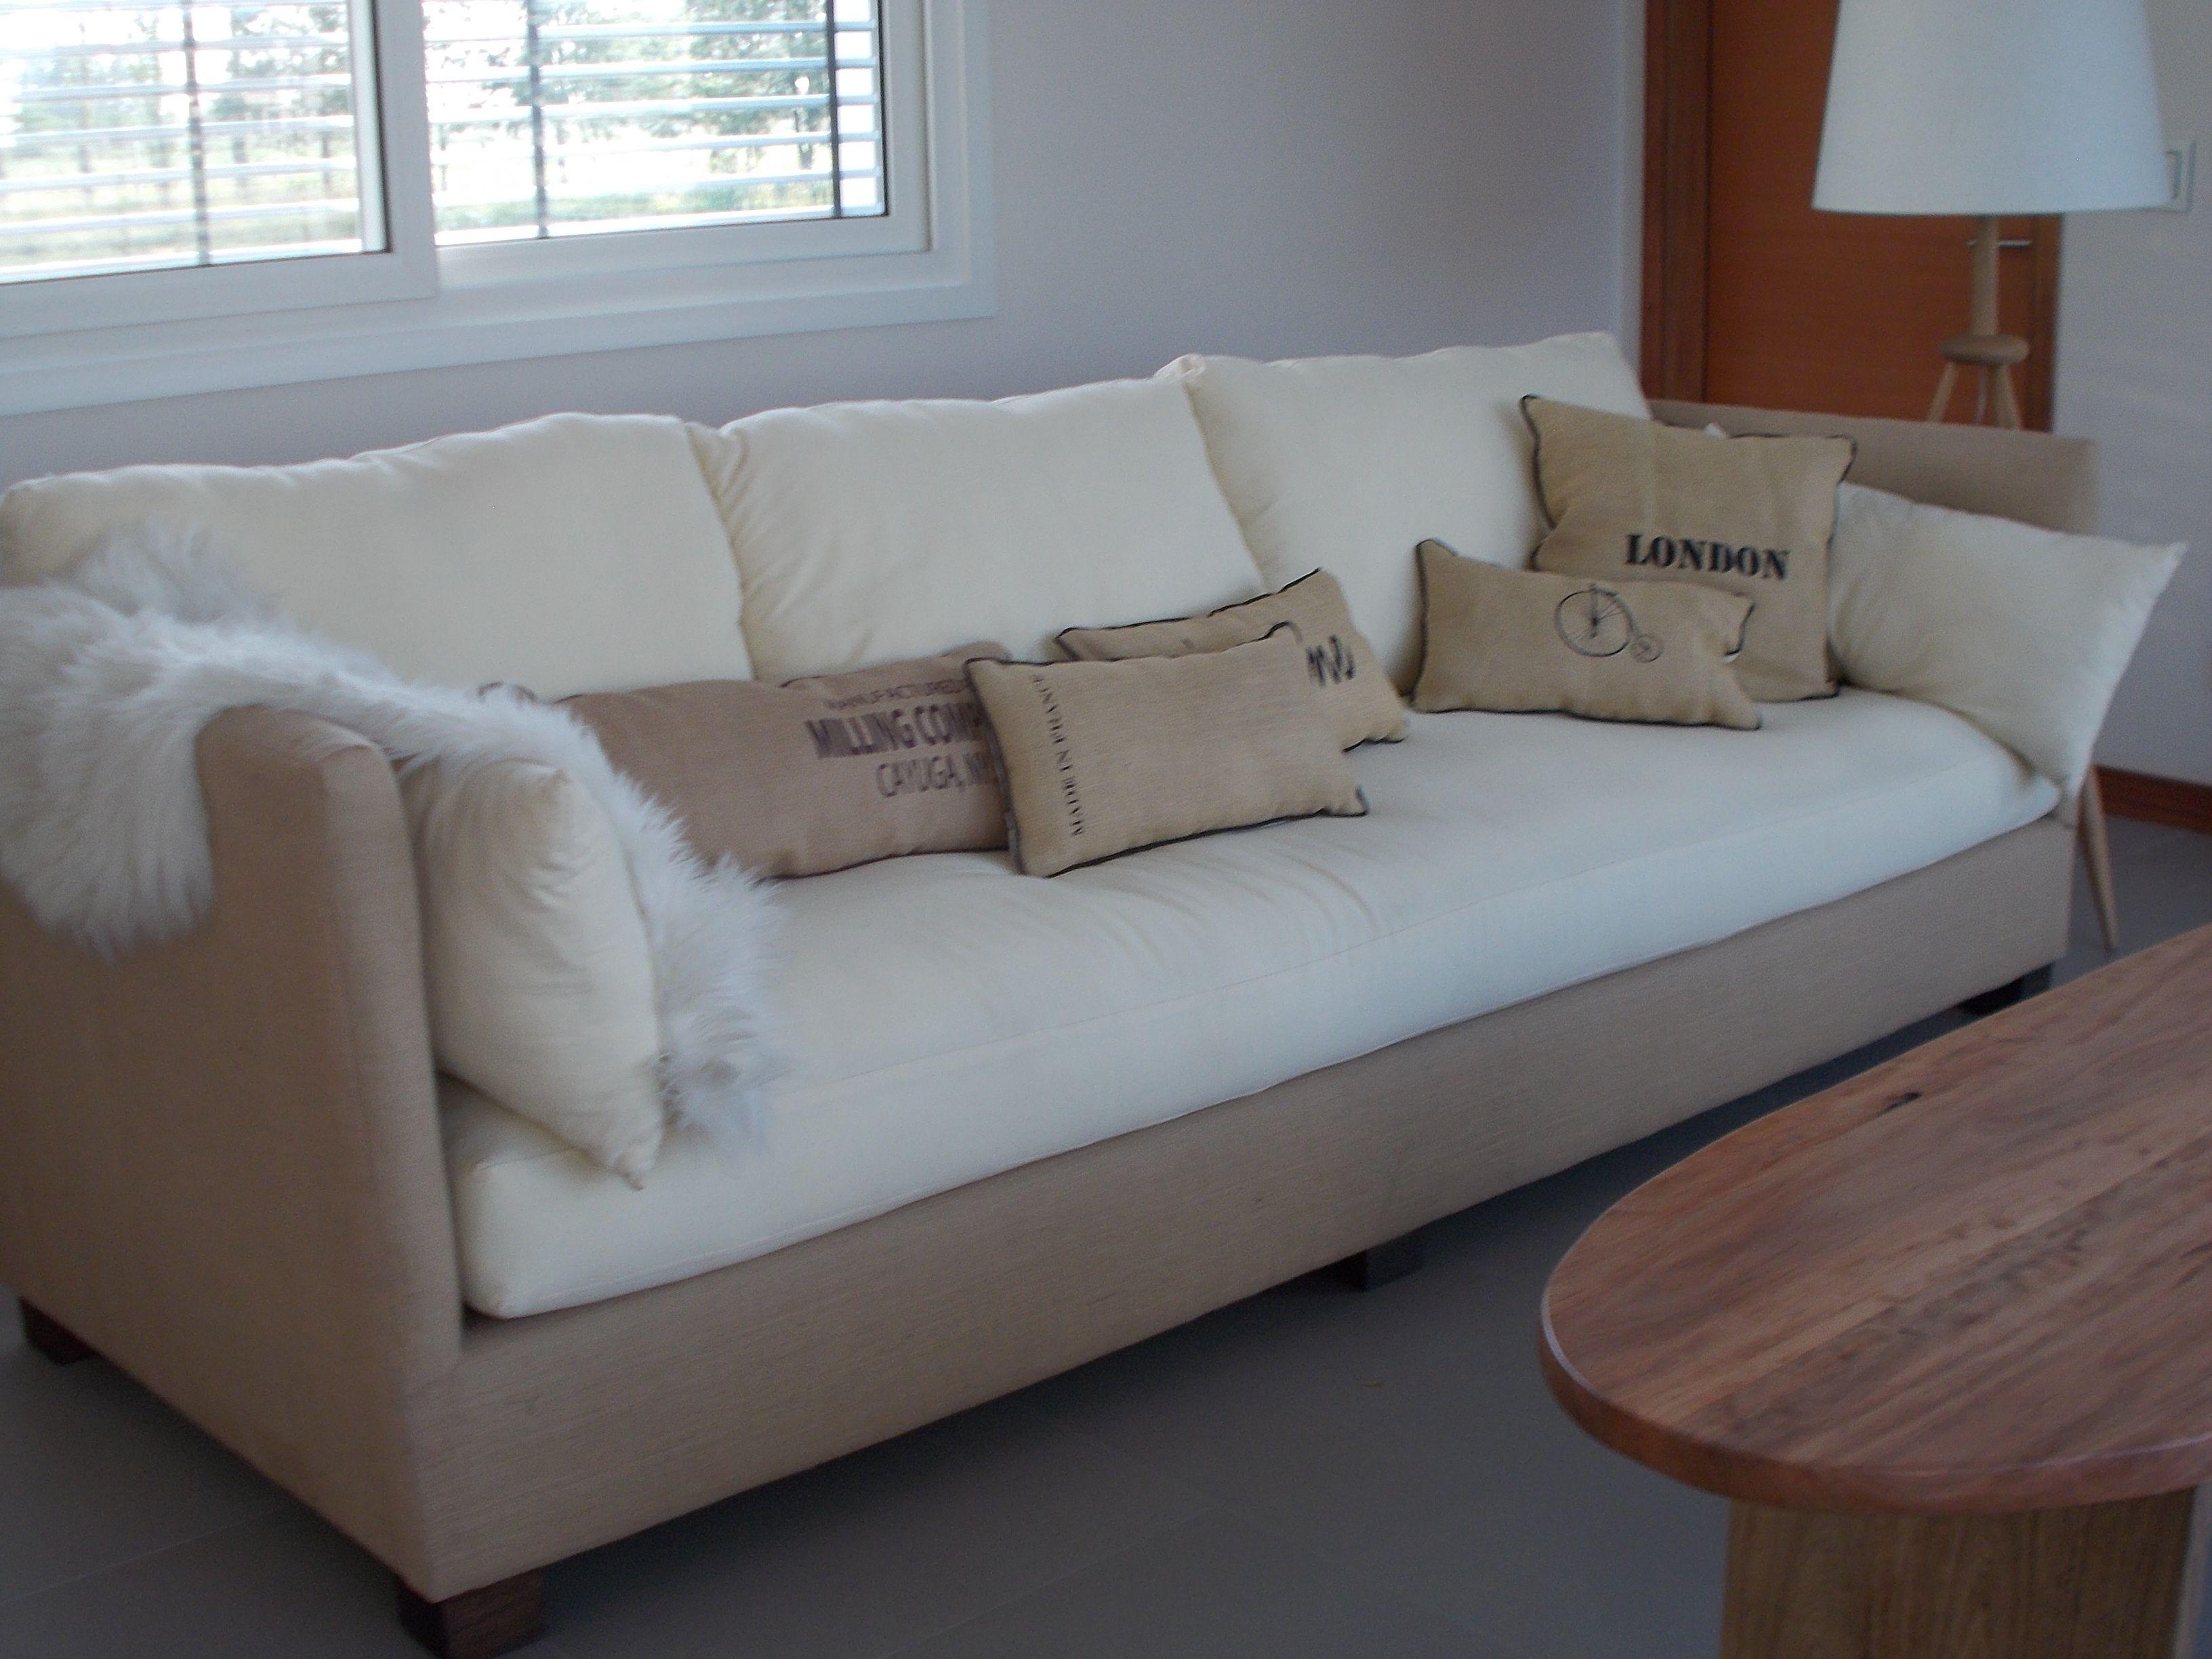 Sillones originales baratos conjunto de sillones de - Sillas sala de espera ikea ...